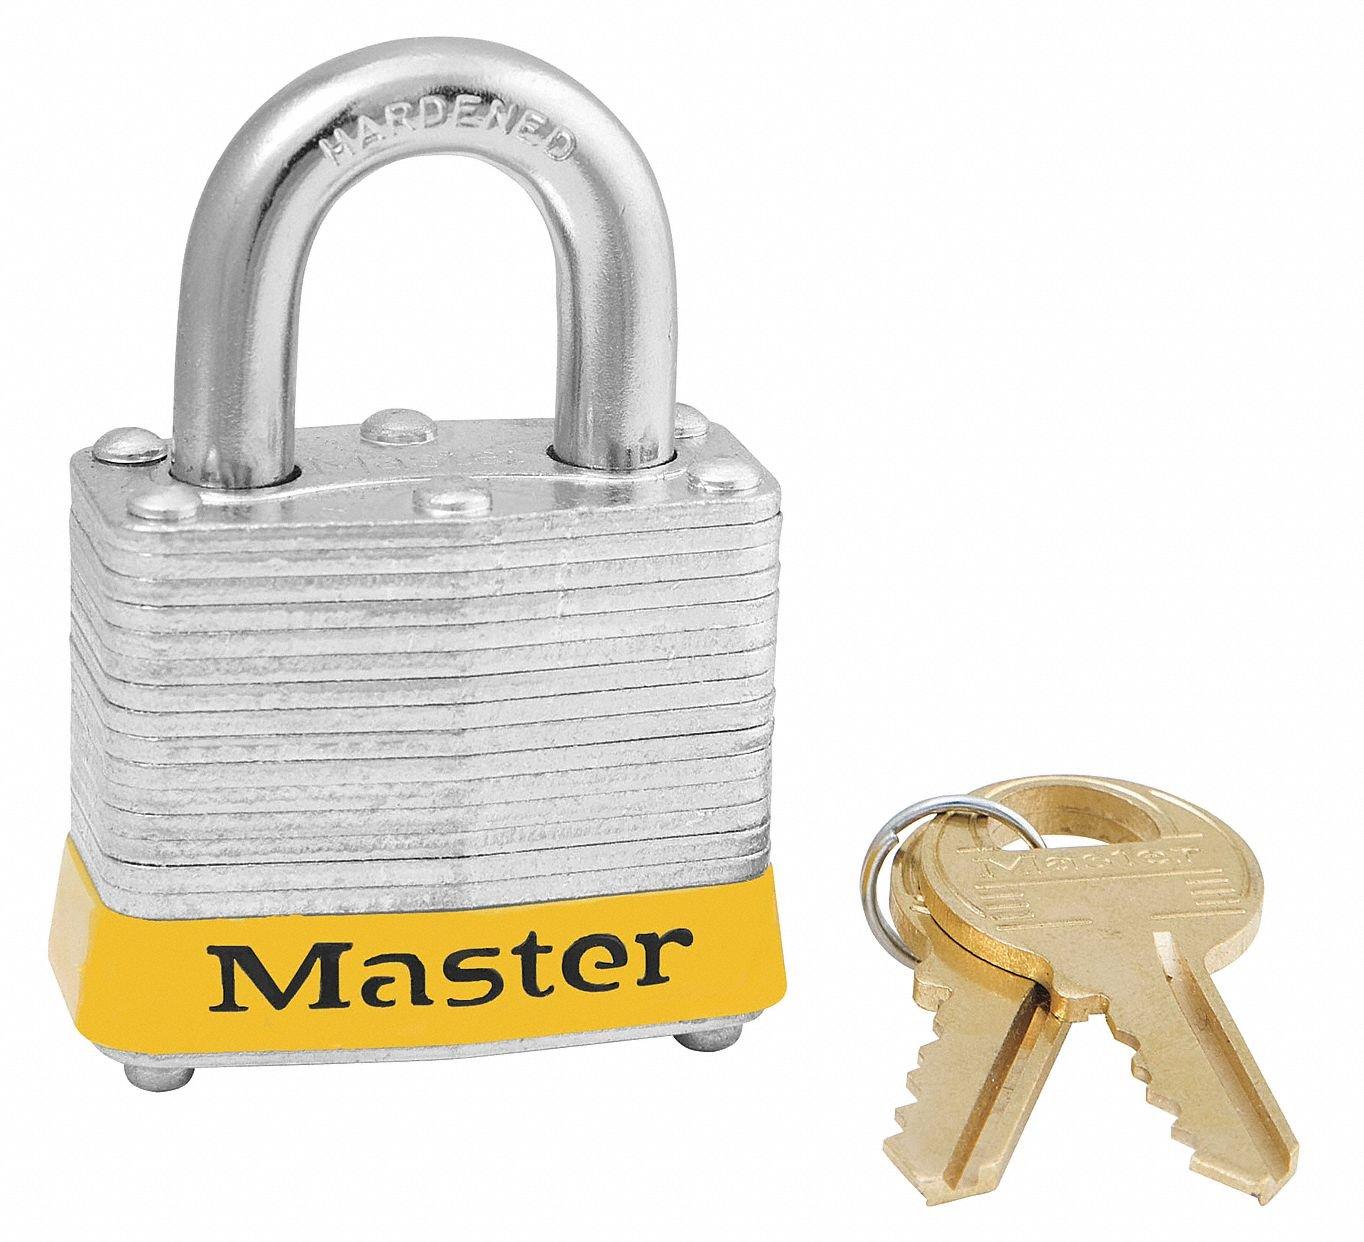 Master Lock Yellow Lockout Padlock, Alike Key Type, Master Keyed: No, Steel Body Material - 3KAYLW-0873